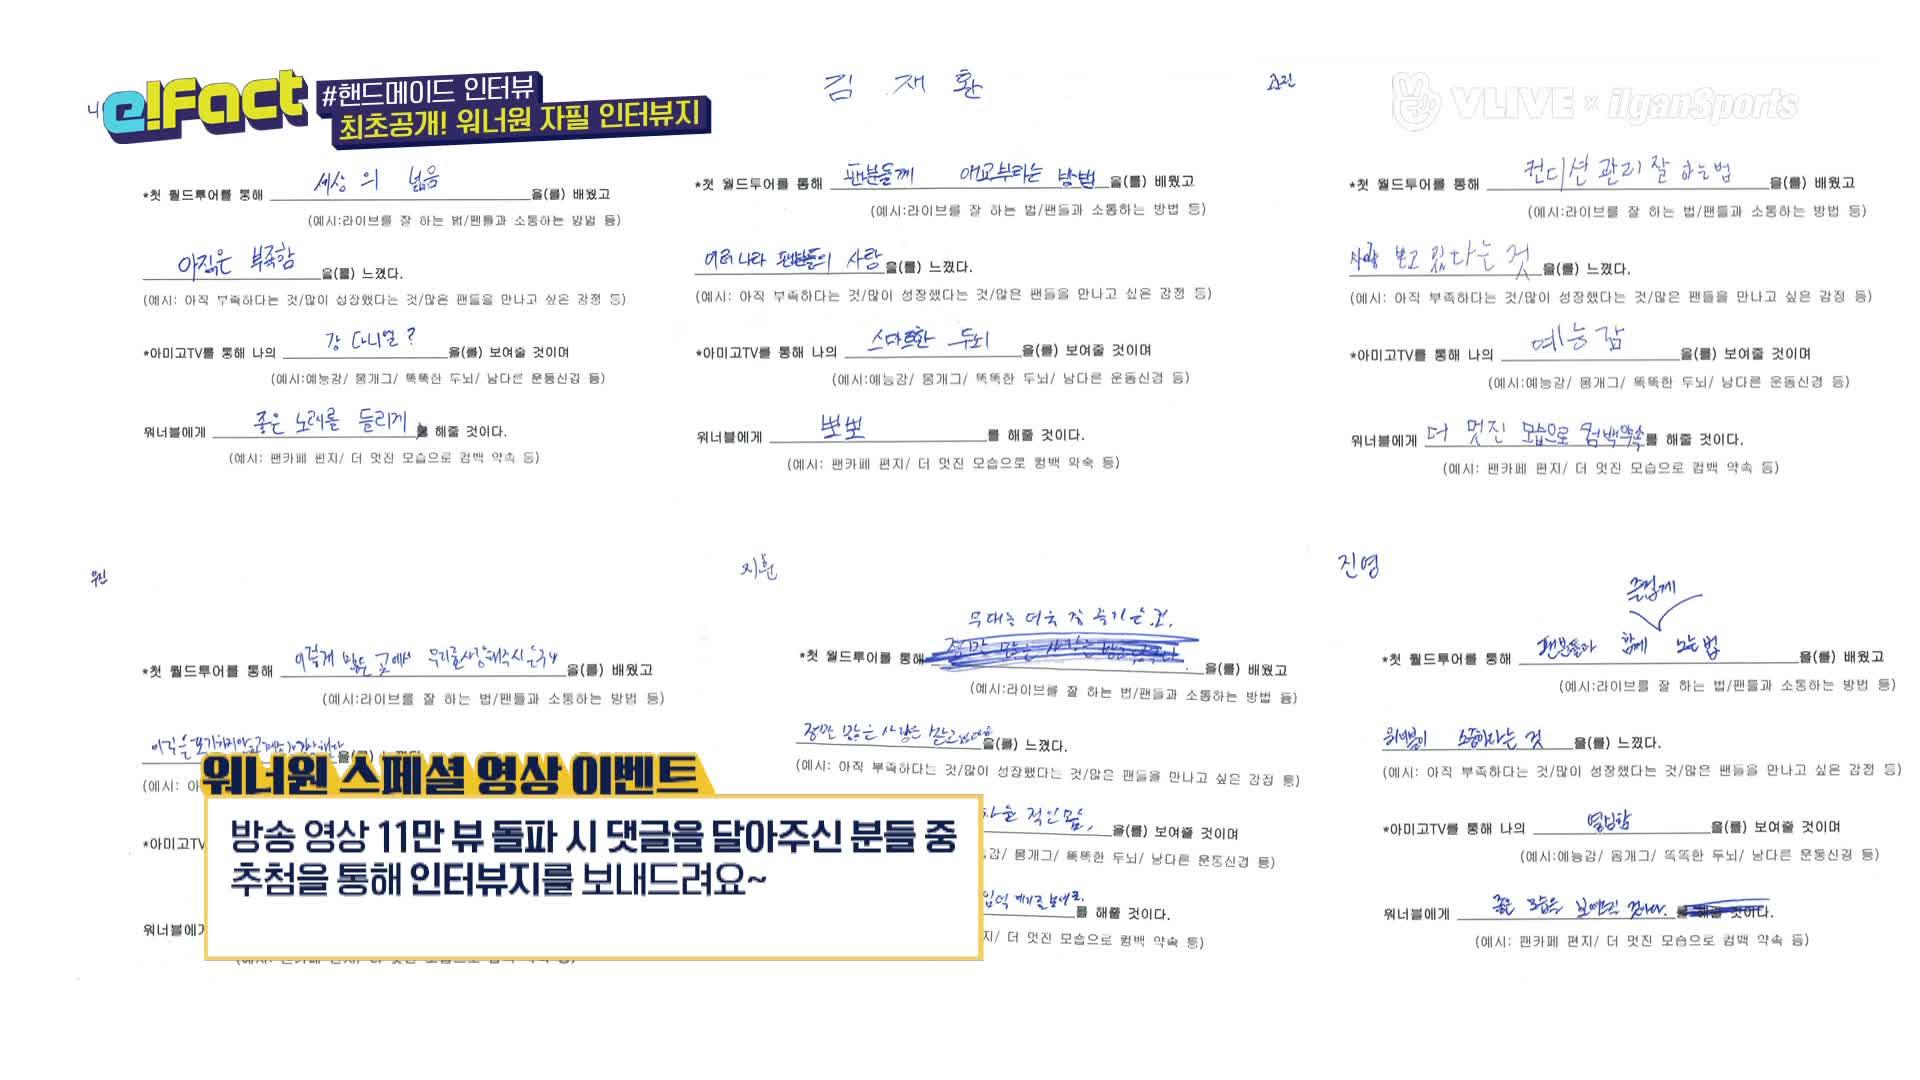 최초 단독 공개! 워너원 자필 인터뷰 & 셀카 대방출 (ft. 손글씨 득템찬스)